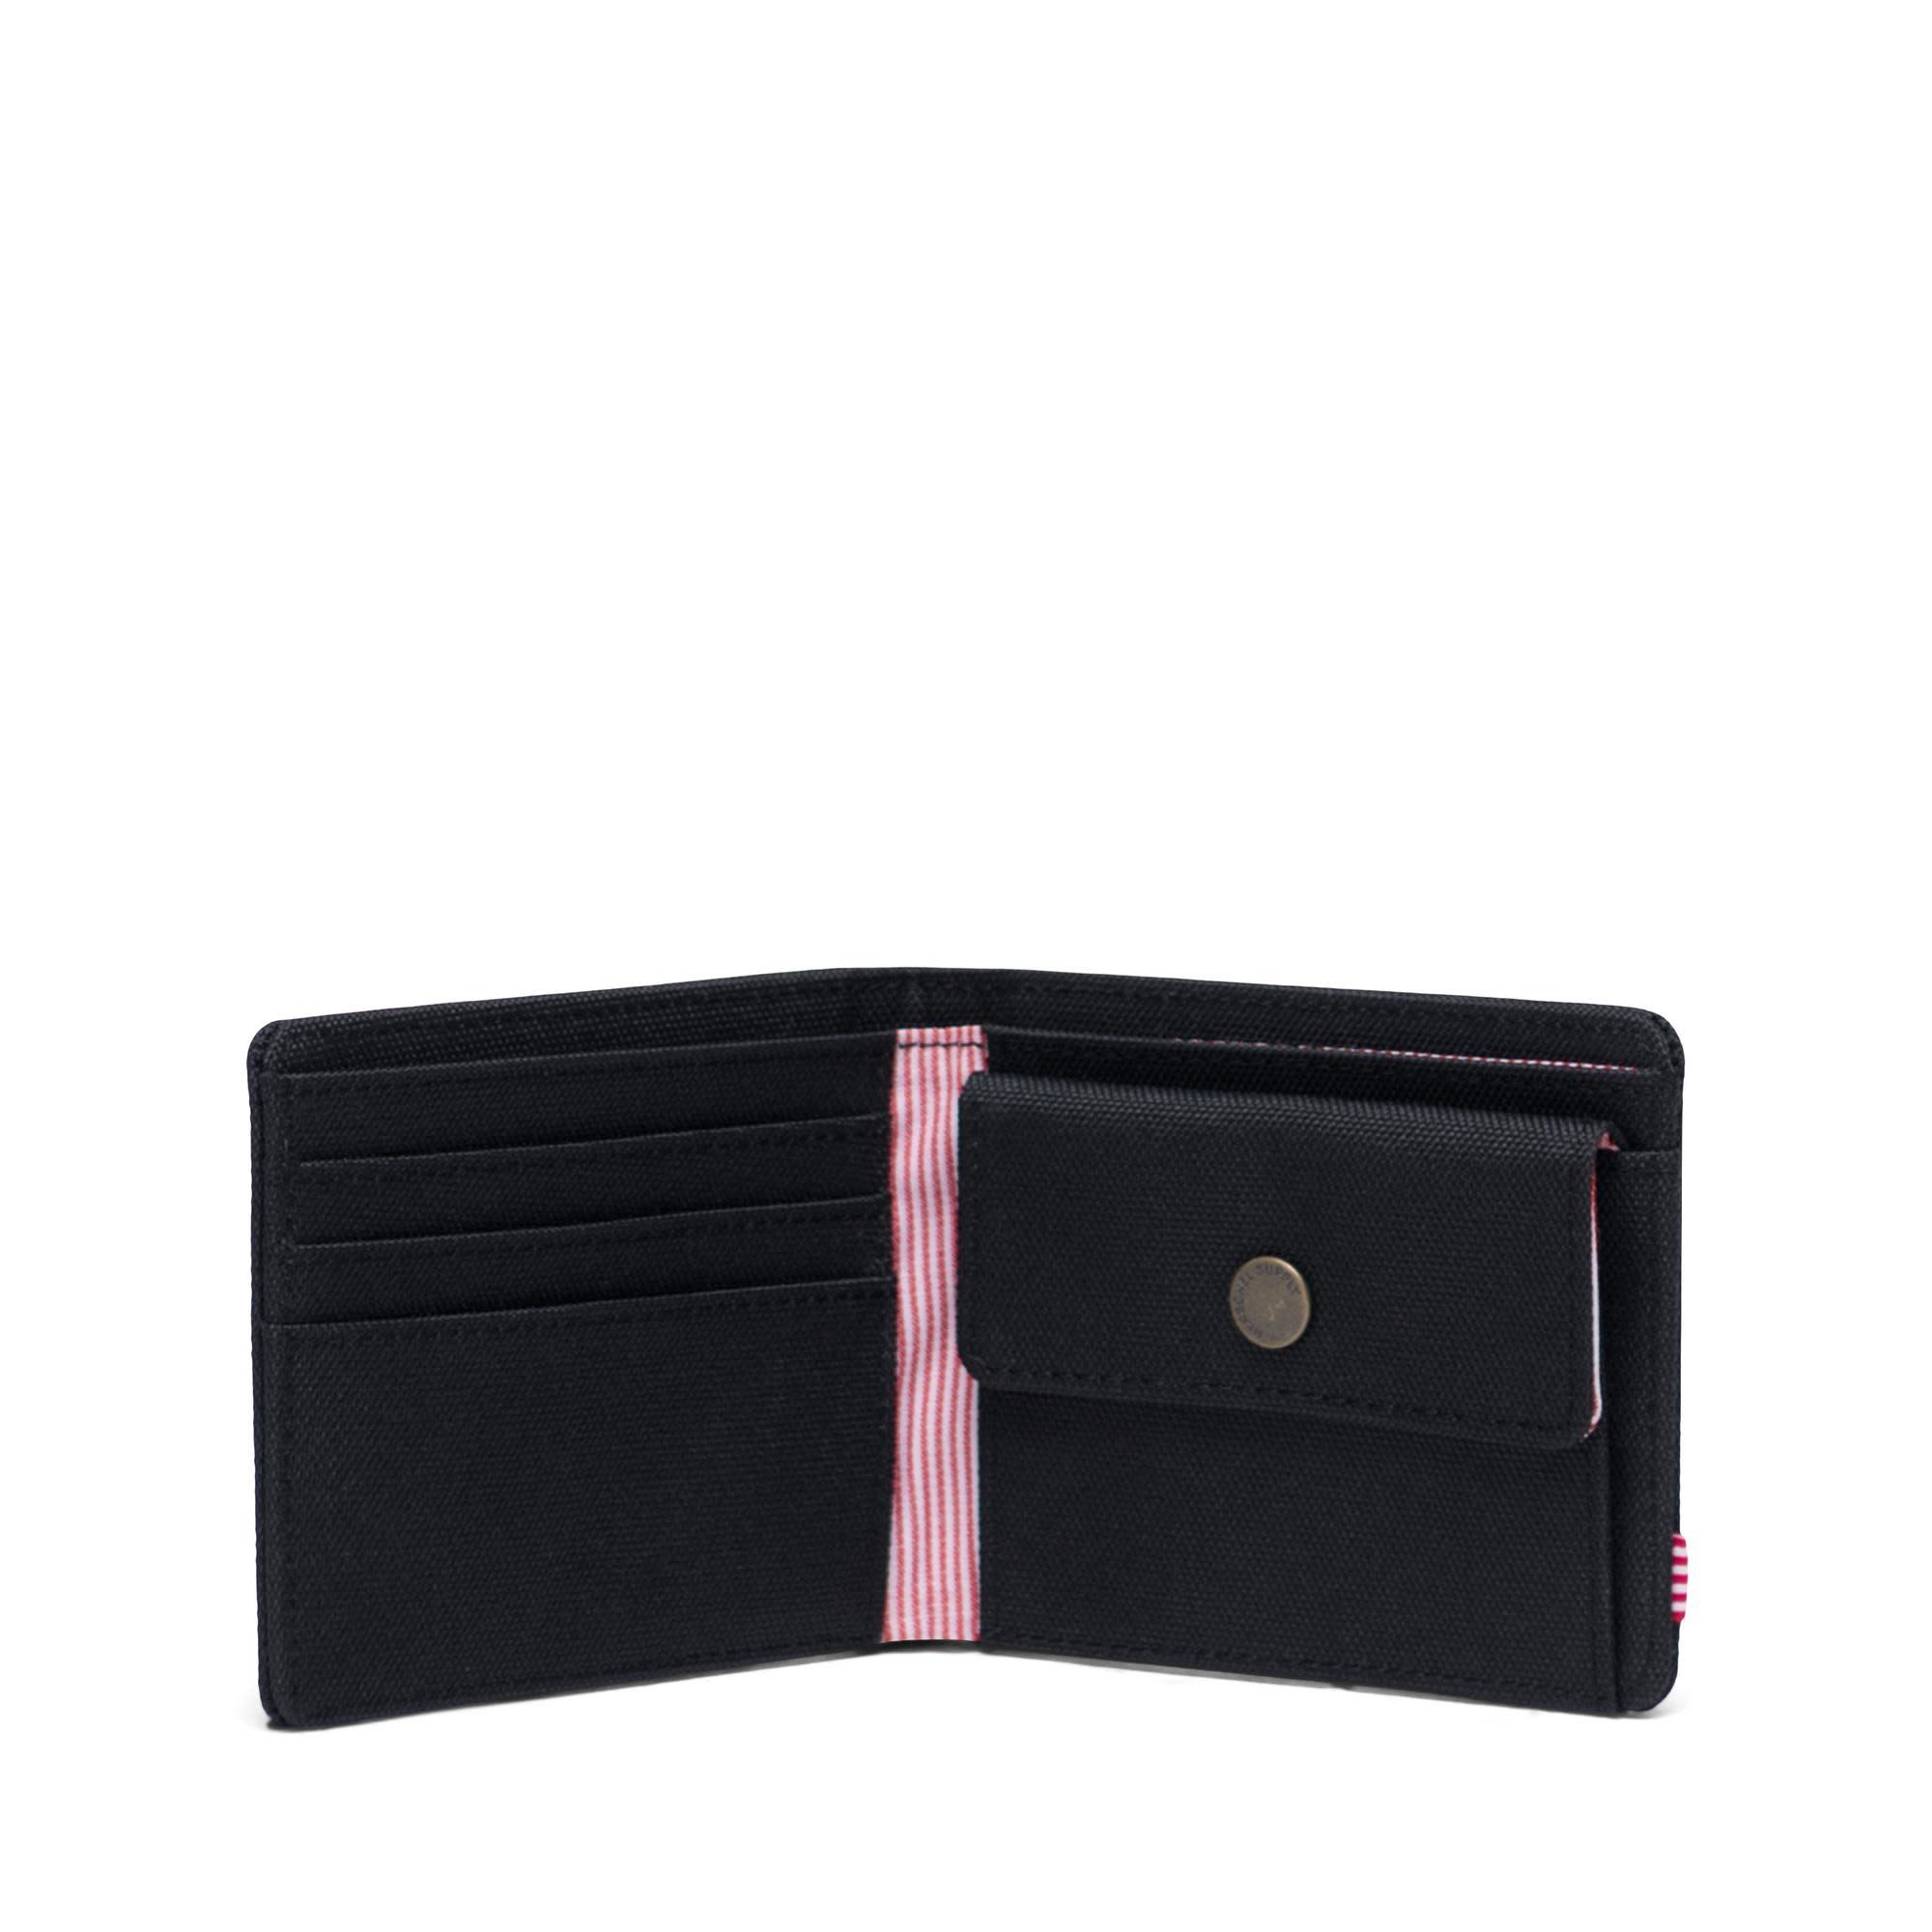 Herschel Supply Co. Herschel Roy Coin Wallet - Black/RFID